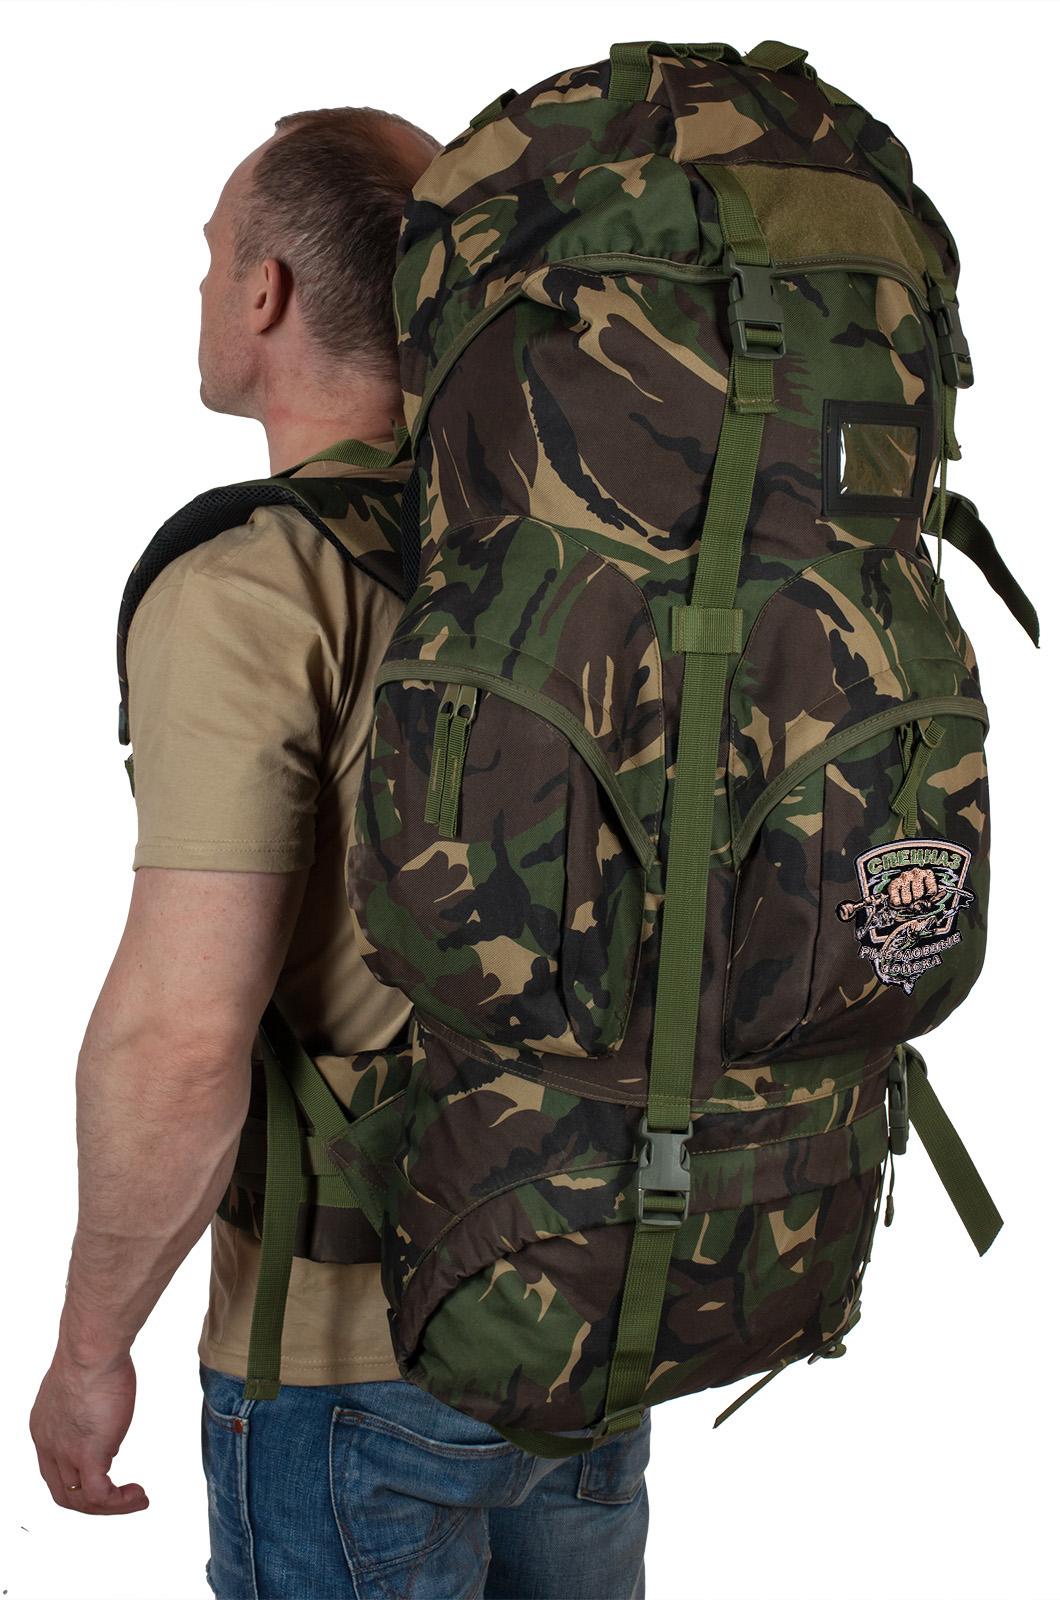 Заказать эргономичный туристический рюкзак с рыбацкой нашивкой